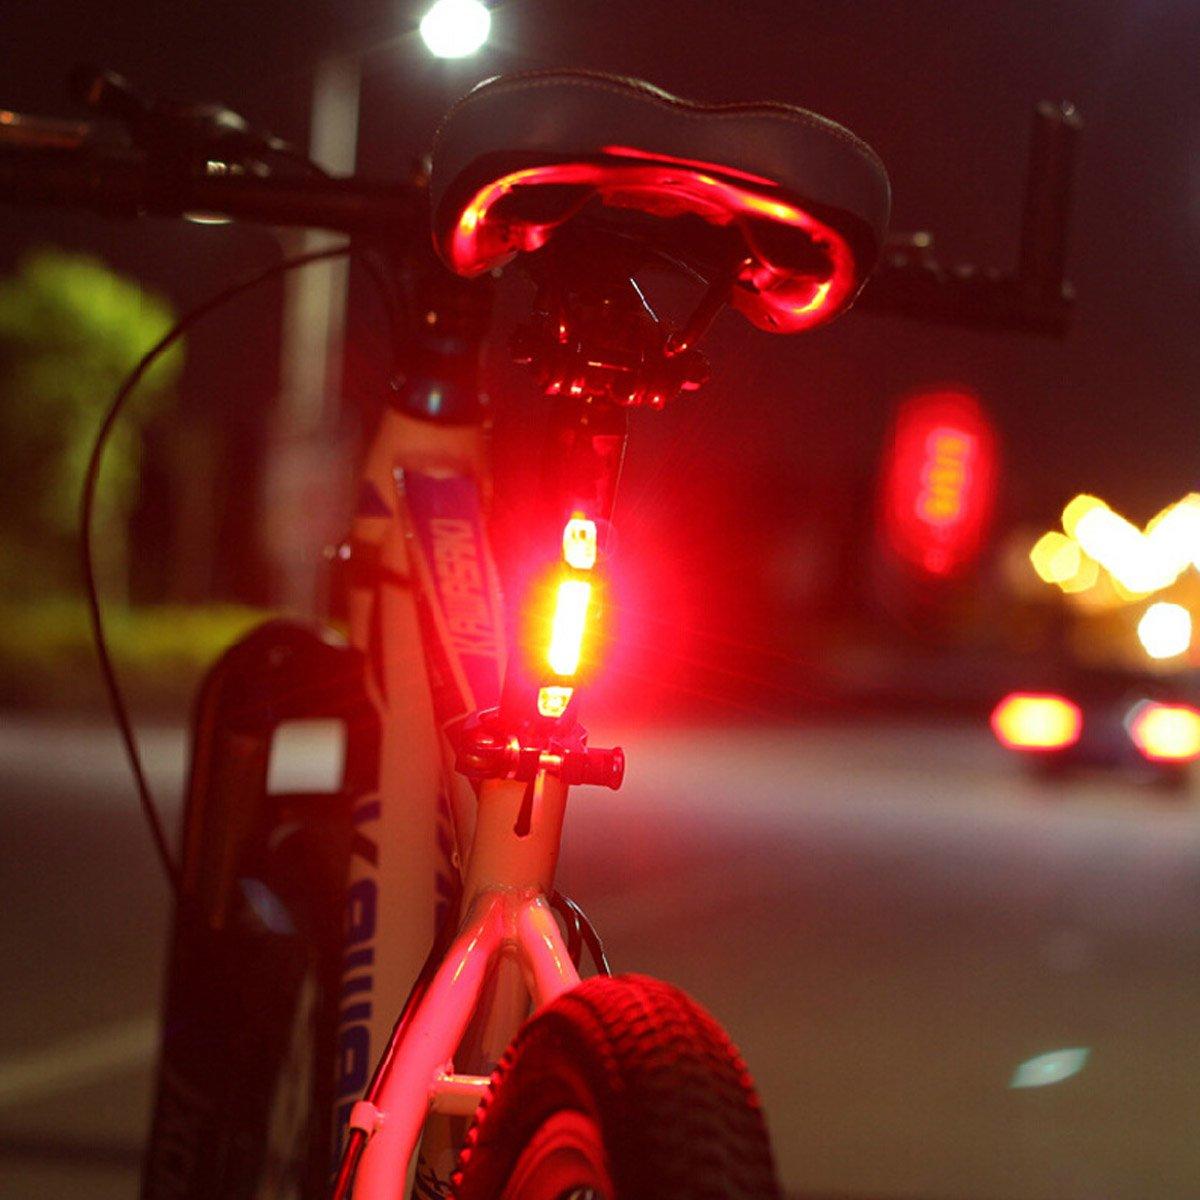 Alftek USB port/átil recargable de la cola de la bici posterior de la seguridad de advertencia trasera l/ámpara de luz super brillante